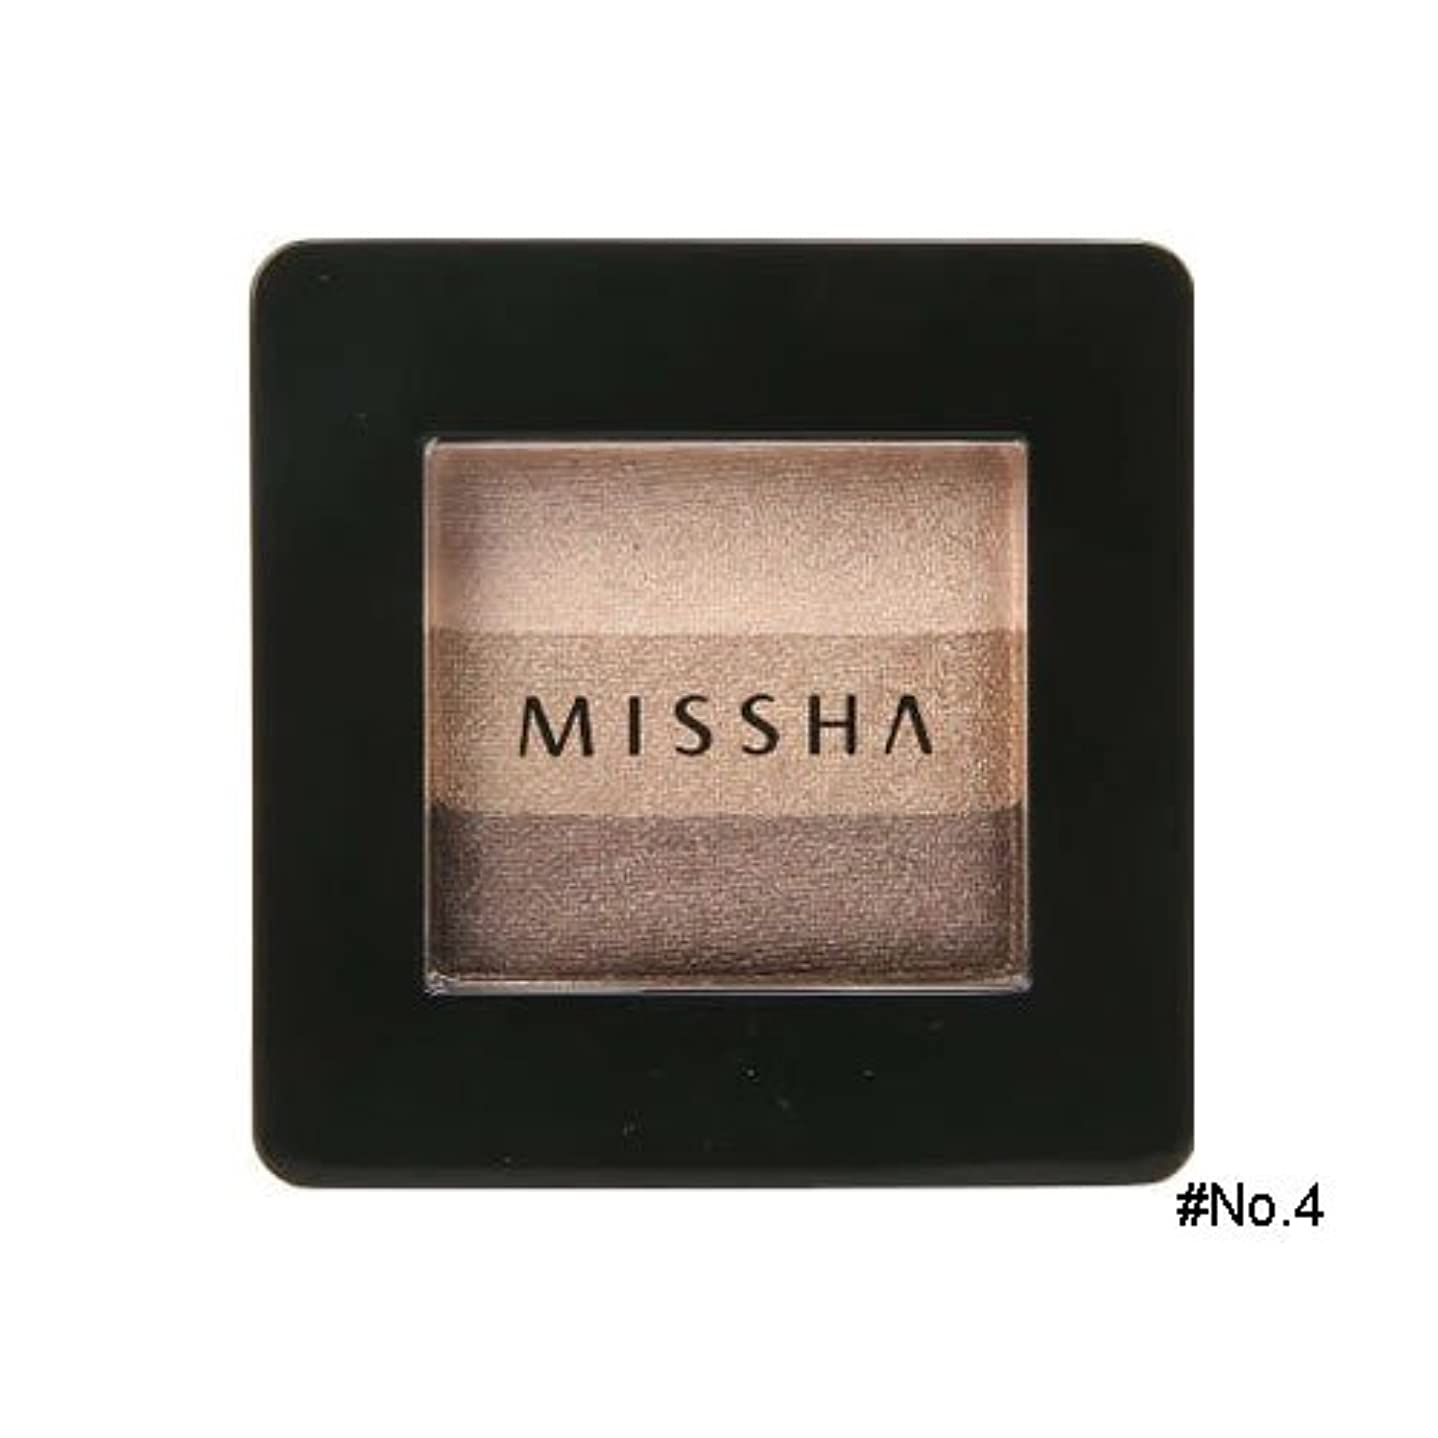 事業内容炎上抑圧ミシャ(MISSHA) トリプルシャドウ 2g No.4(チョコレートブラウン) [並行輸入品]